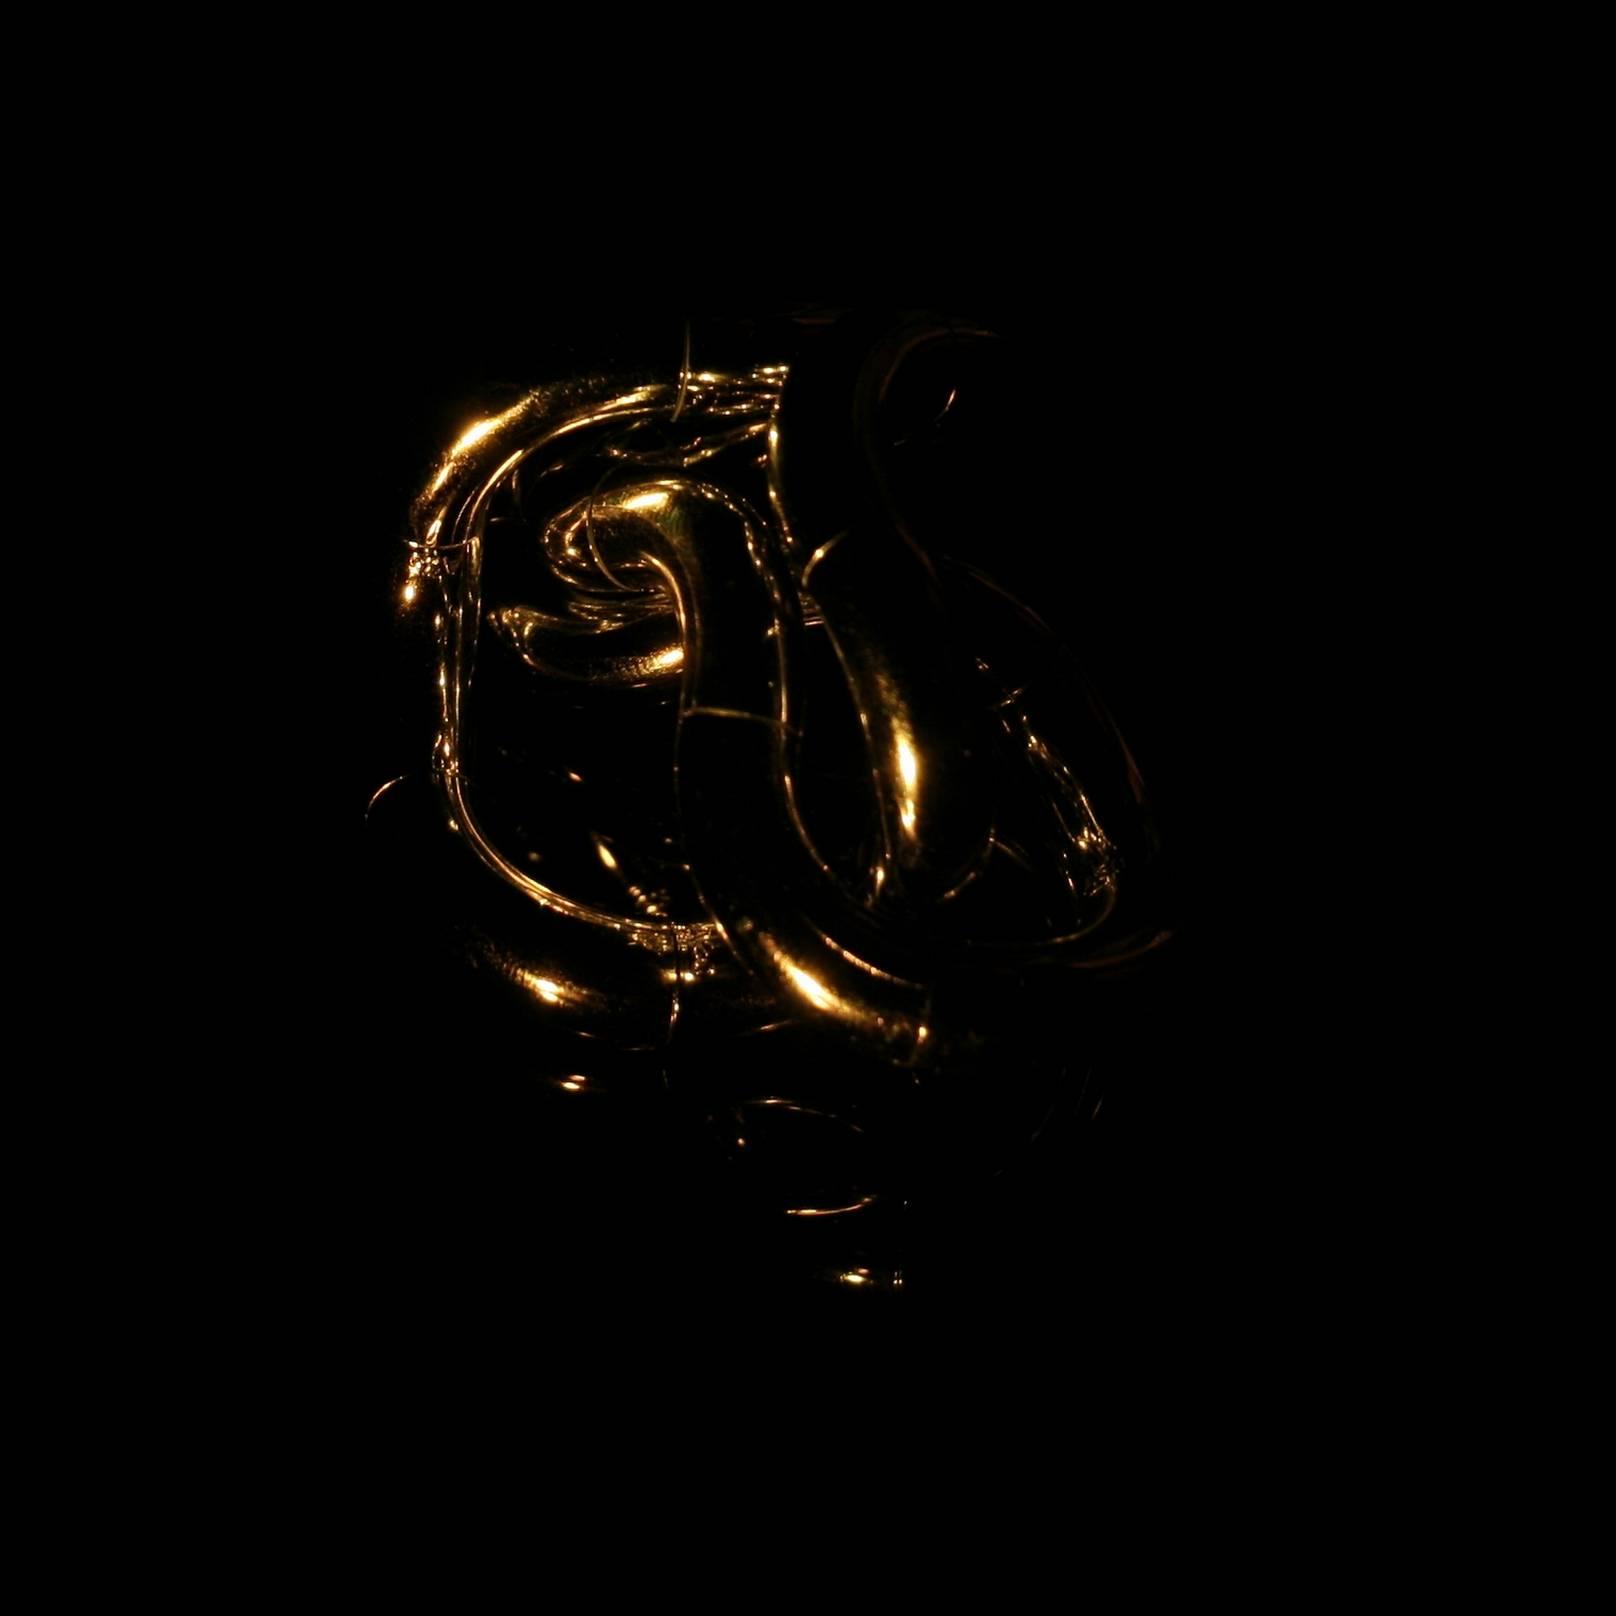 objet serie 2 25 02 2013_0008